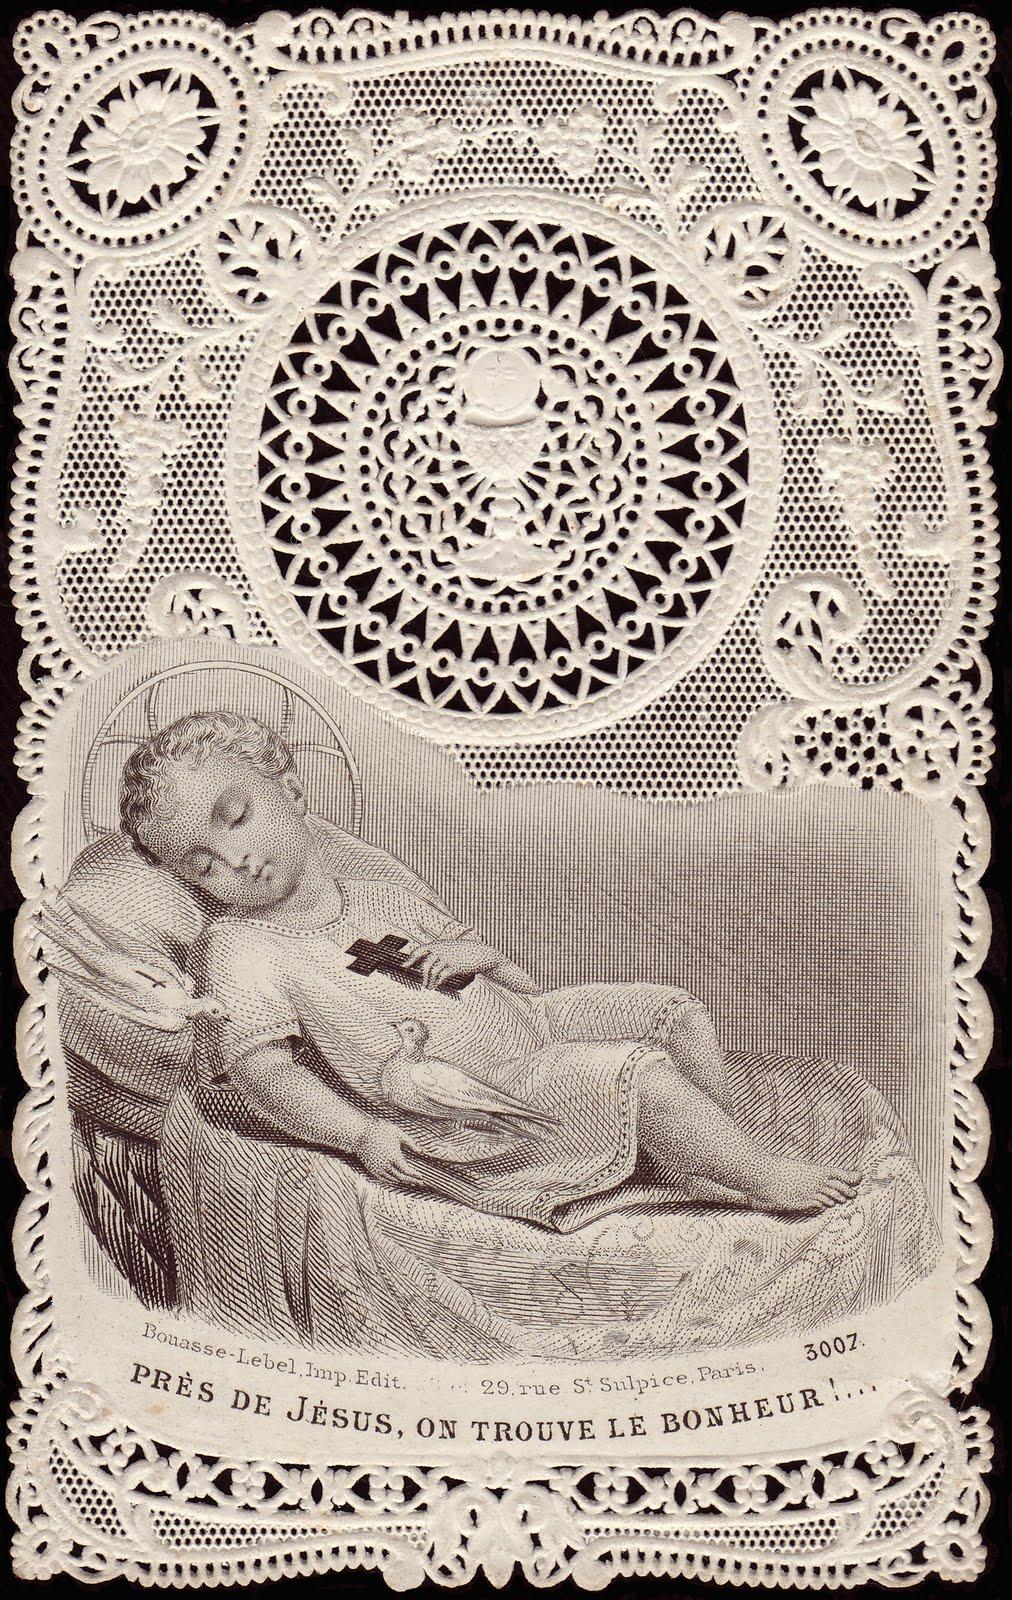 [Christmas+Boasse+3007+Christ+Child+asleep+doves+eucharistjpg]